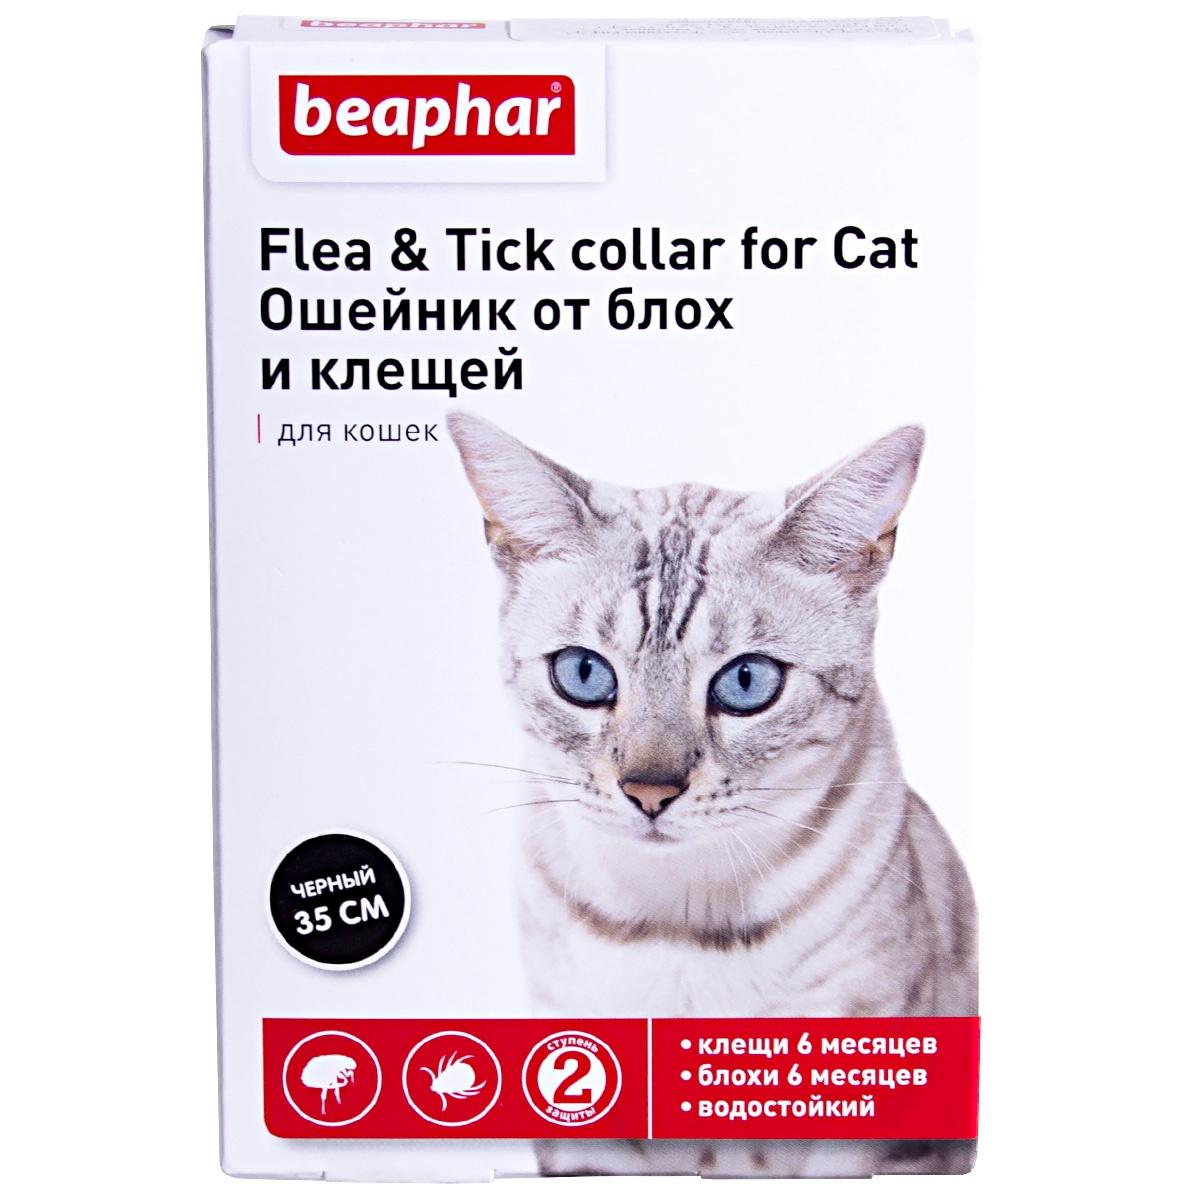 Лечебный ошейник beaphar для кошек, черный